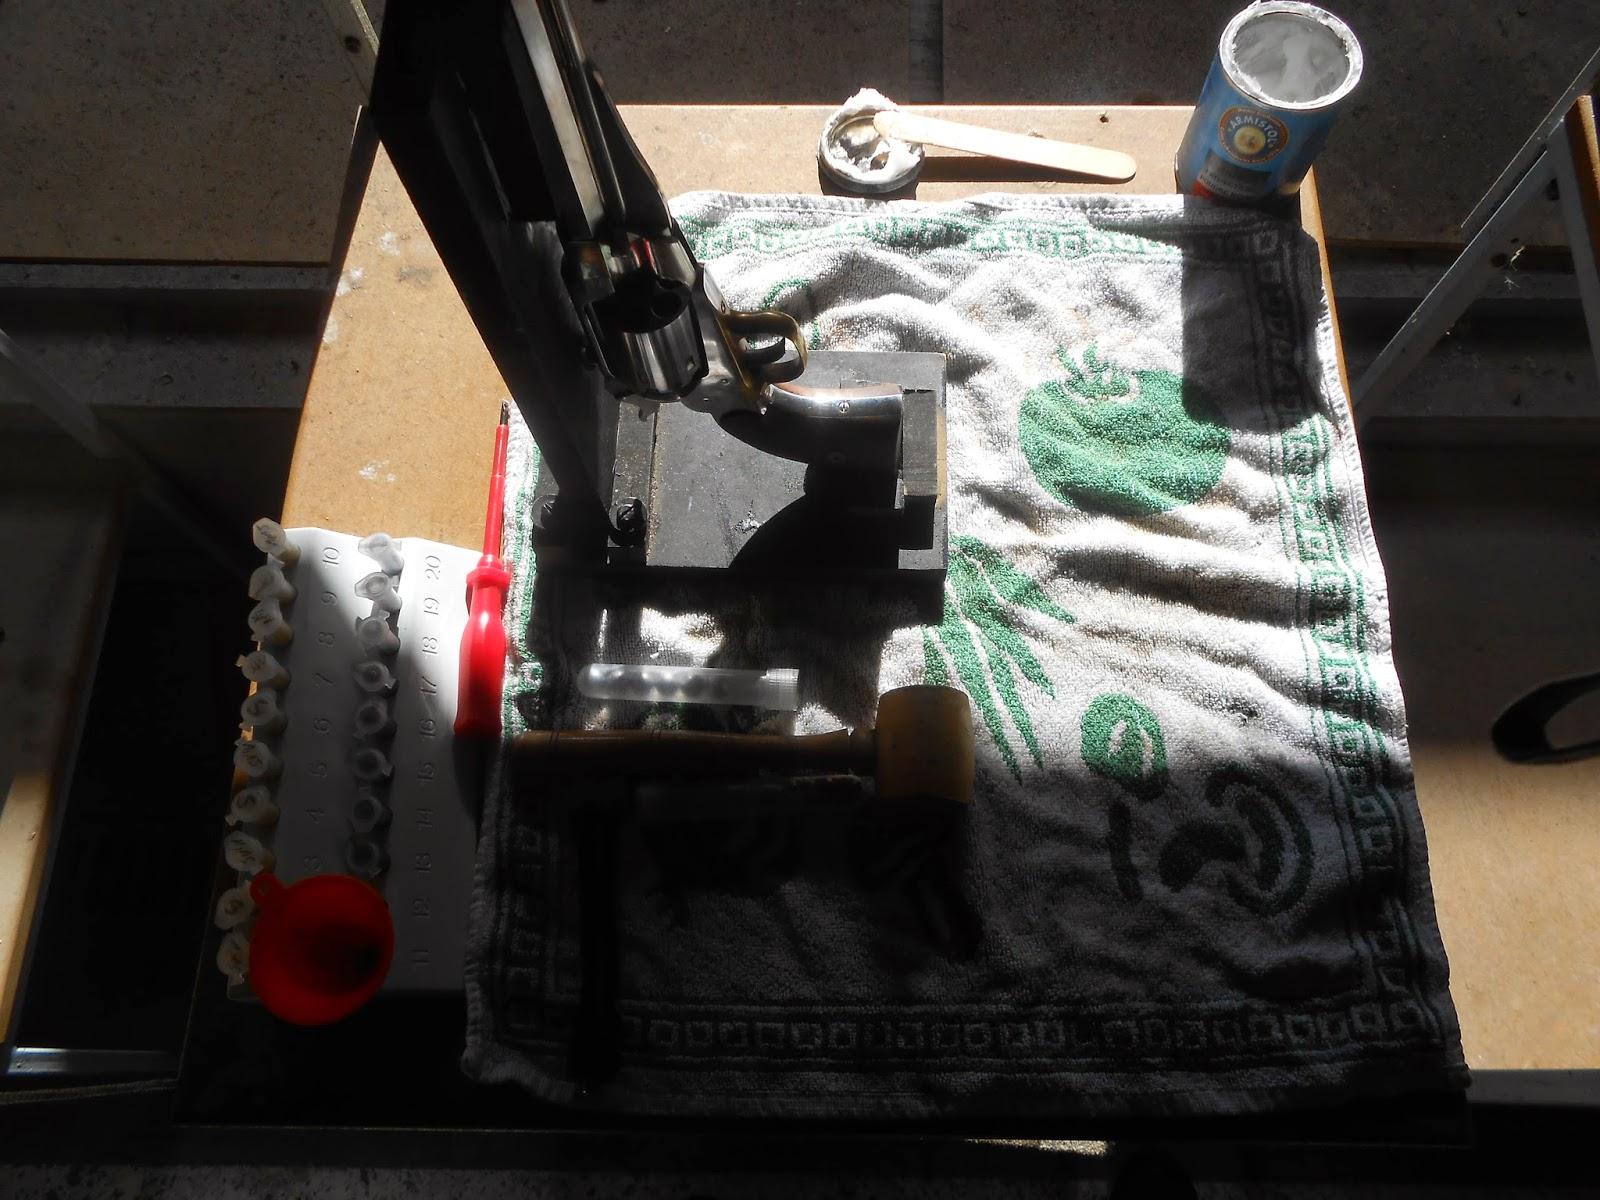 chergement remington a poudre noire